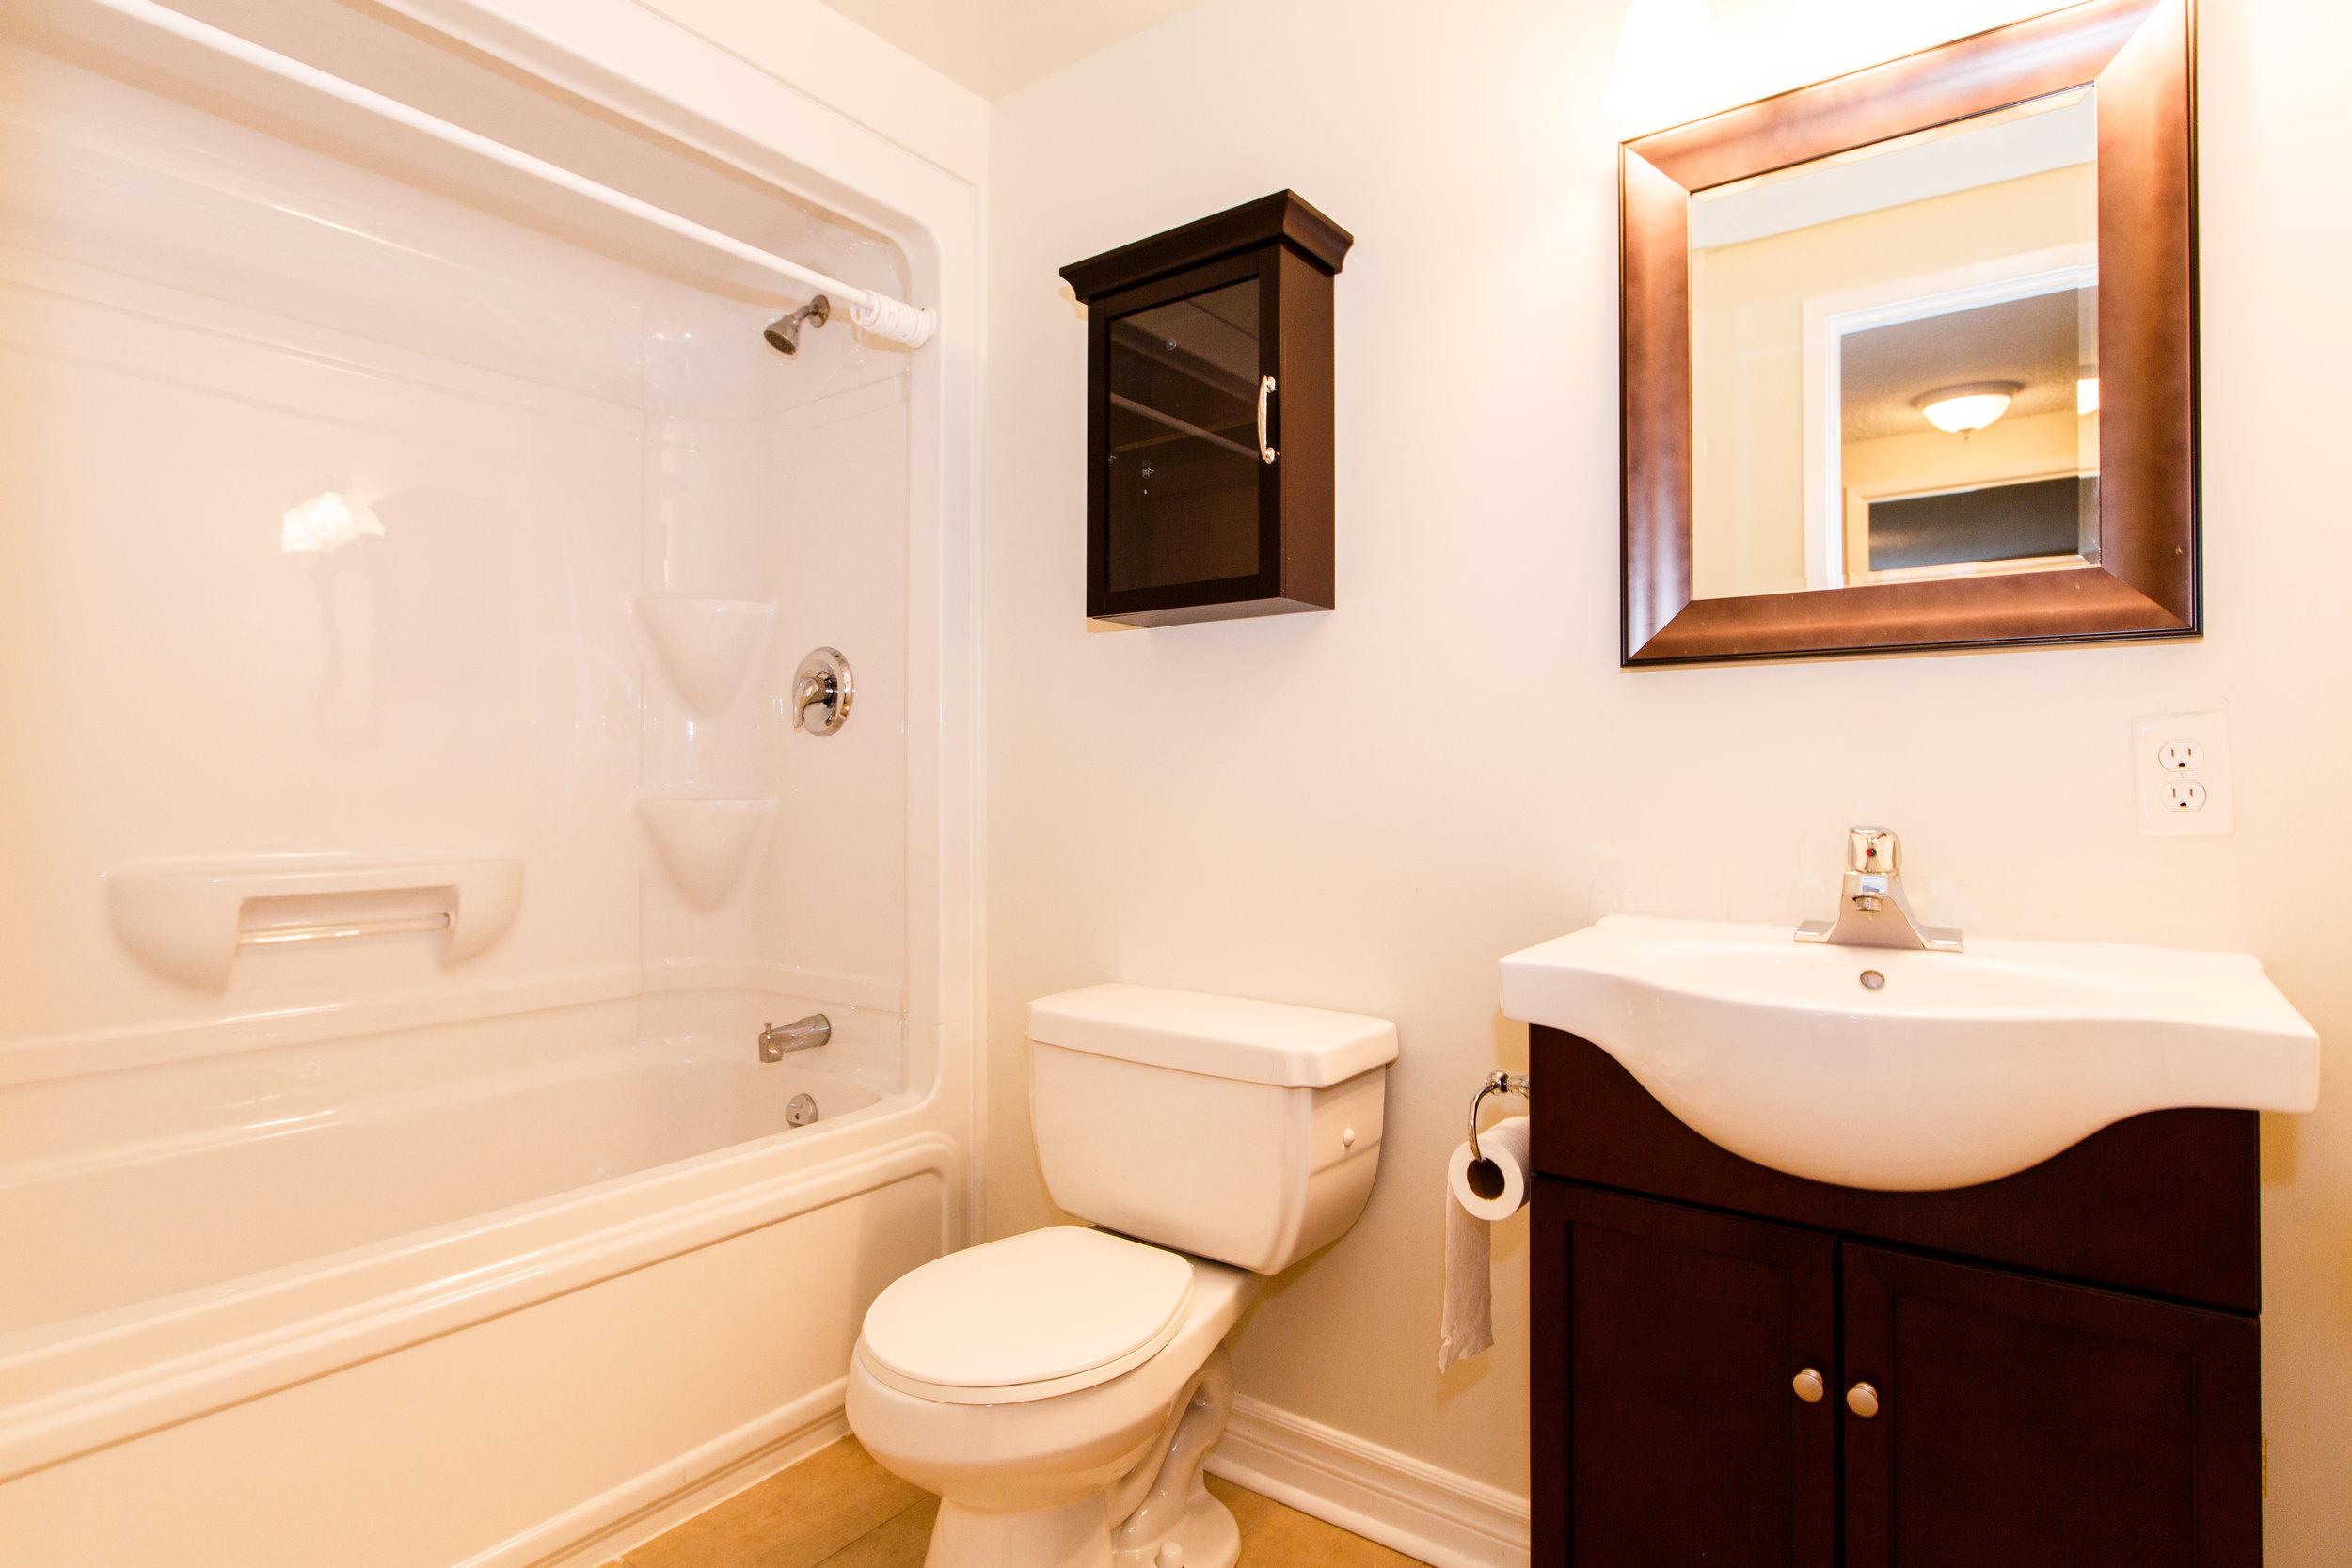 311 Queen St. _u007c_ Bathroom Photo, looking in from the hallway.jpg